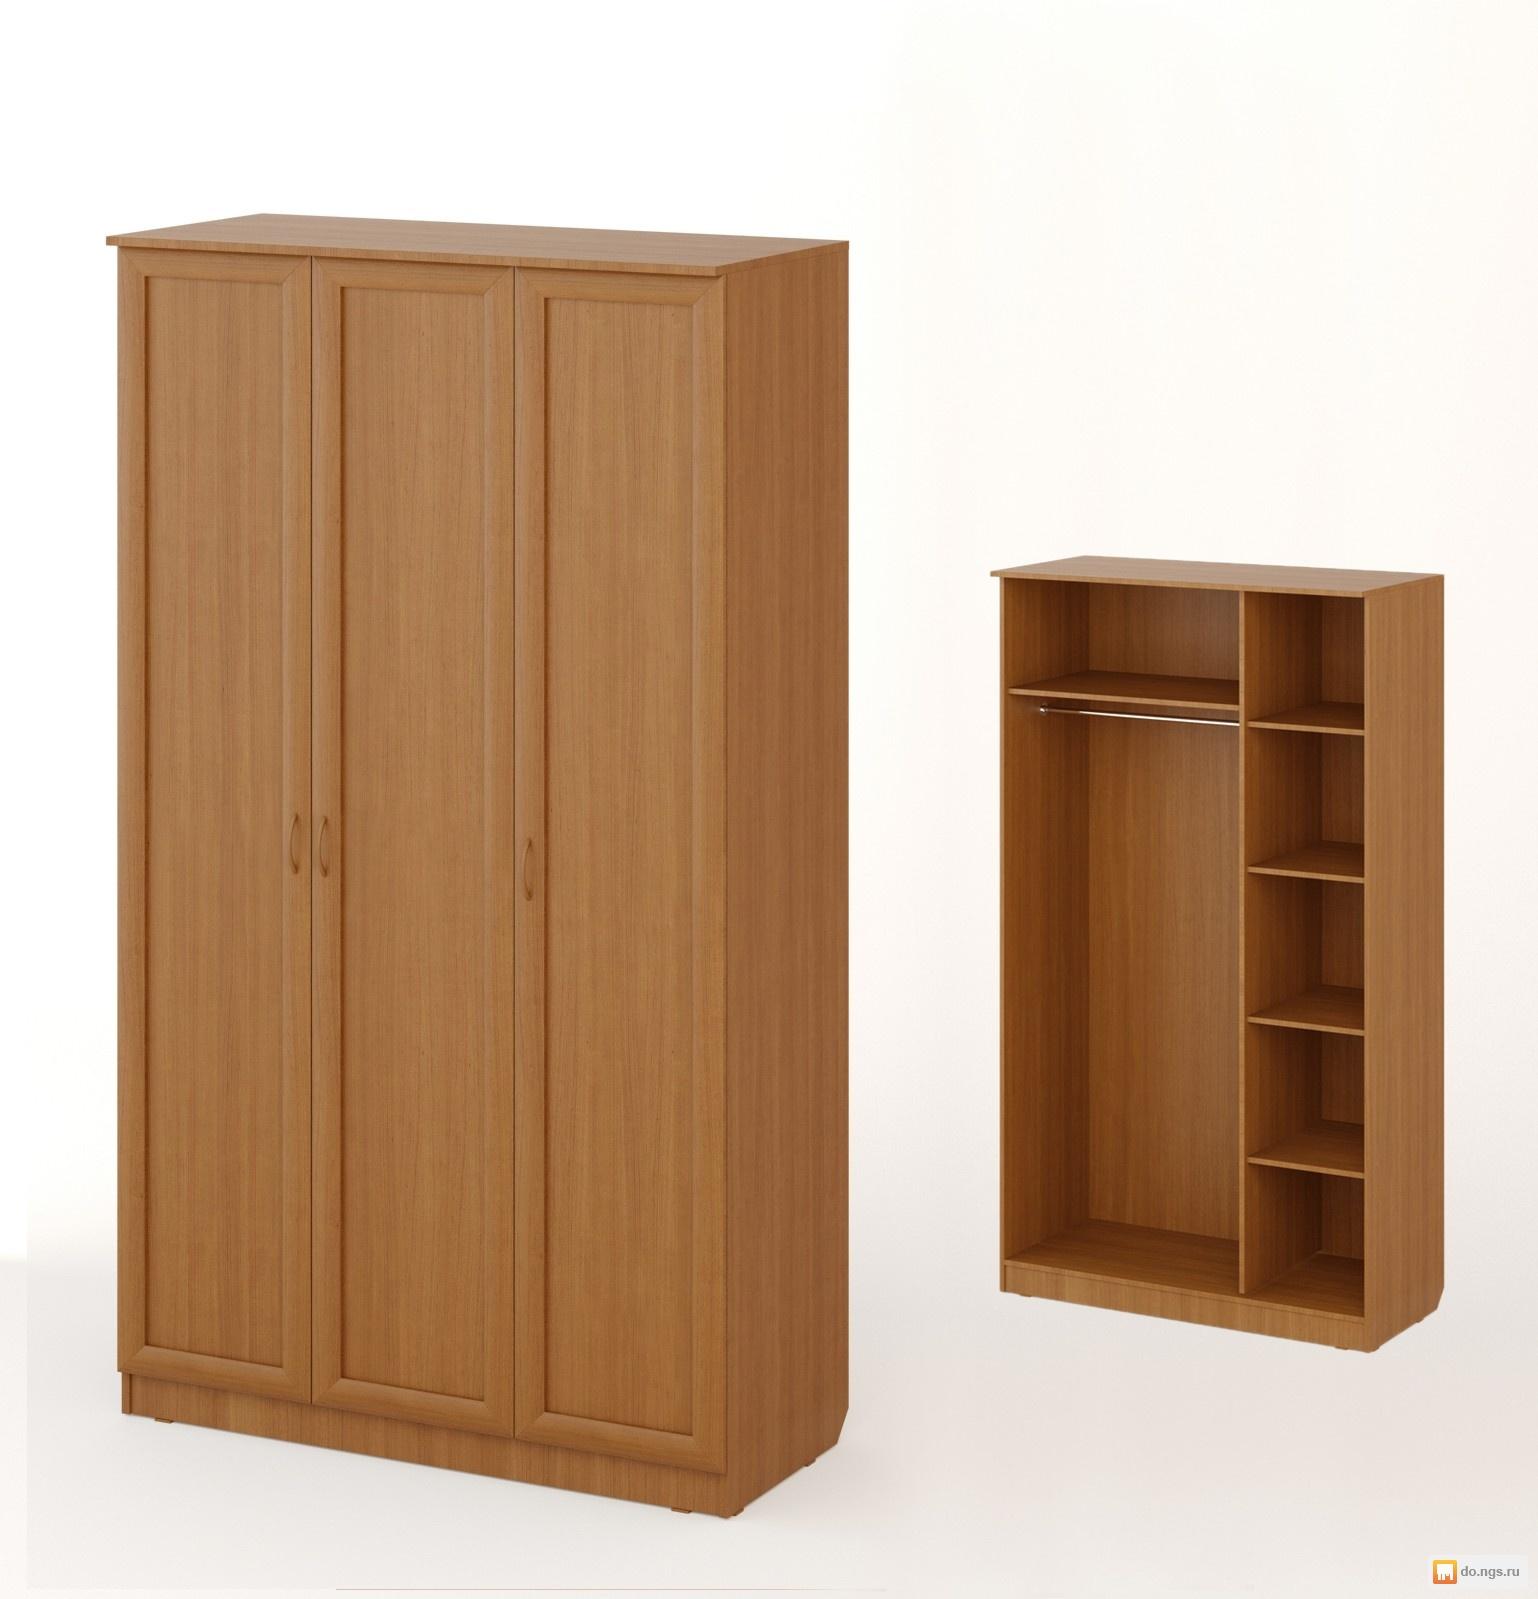 """Мебель - шкаф распашной 3хстворчатый """"рамочный"""" шк/р-06 -бук."""